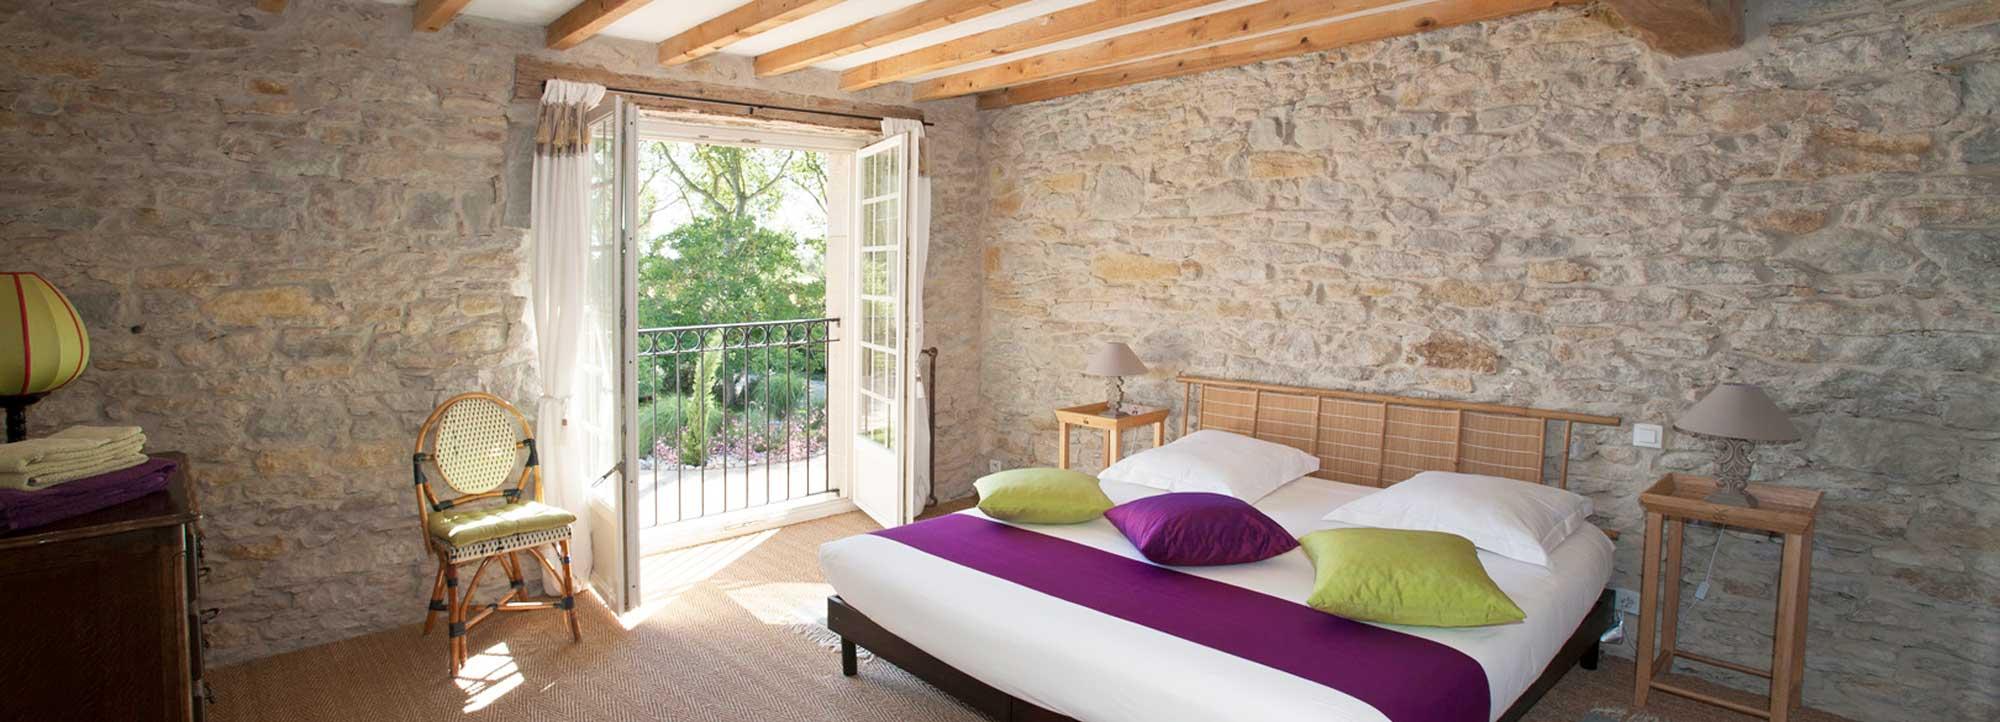 Chambre d 39 h tes de charme canal du midi carcassonne - Chambres d hotes carcassonne environs ...